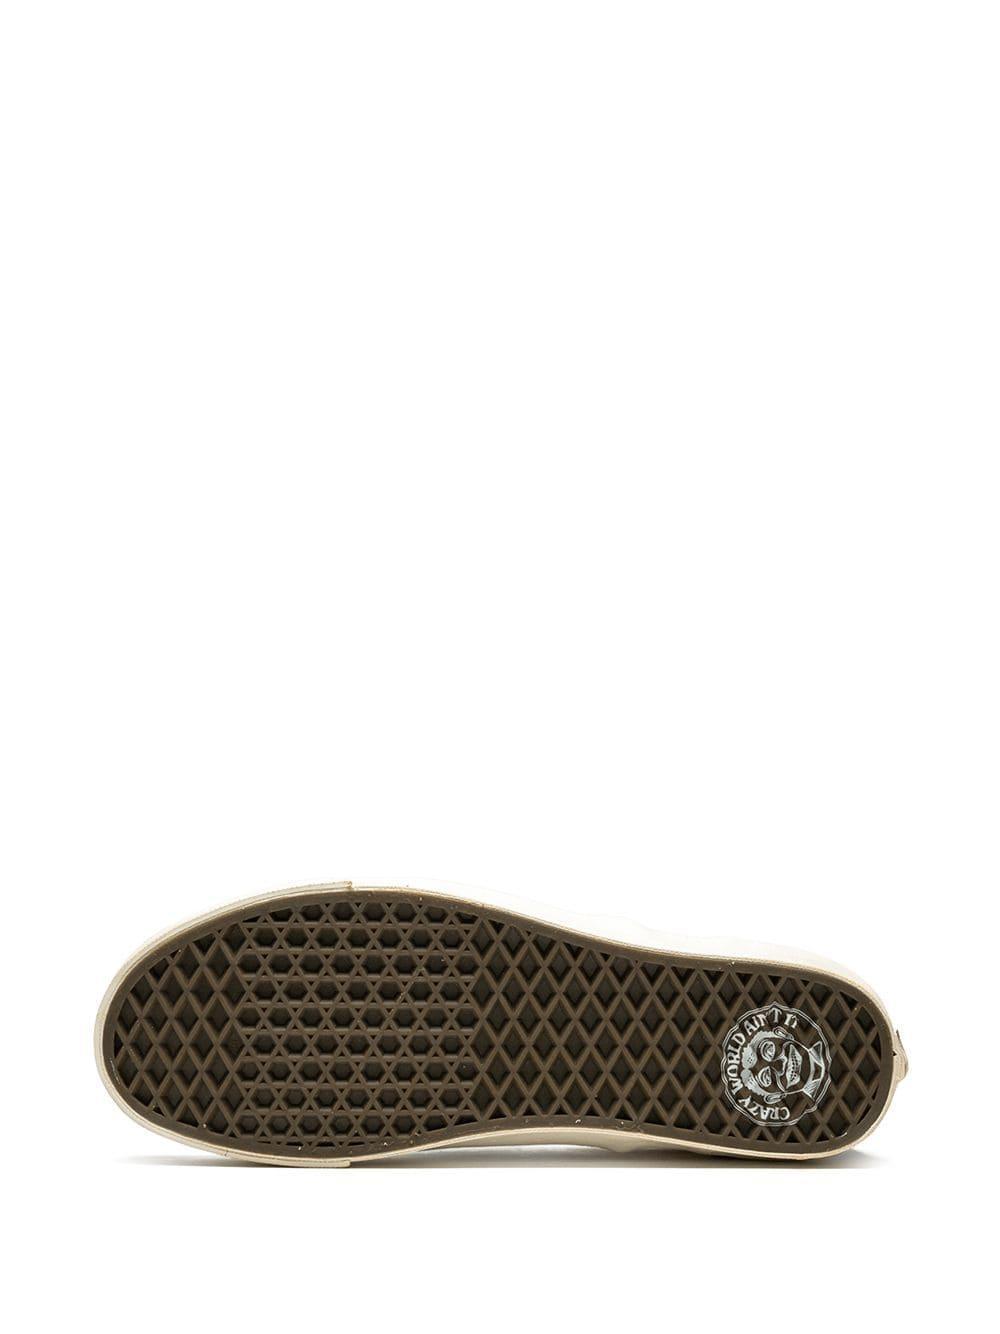 Vans Canvas Slip-on Sneakers in het Rood voor heren